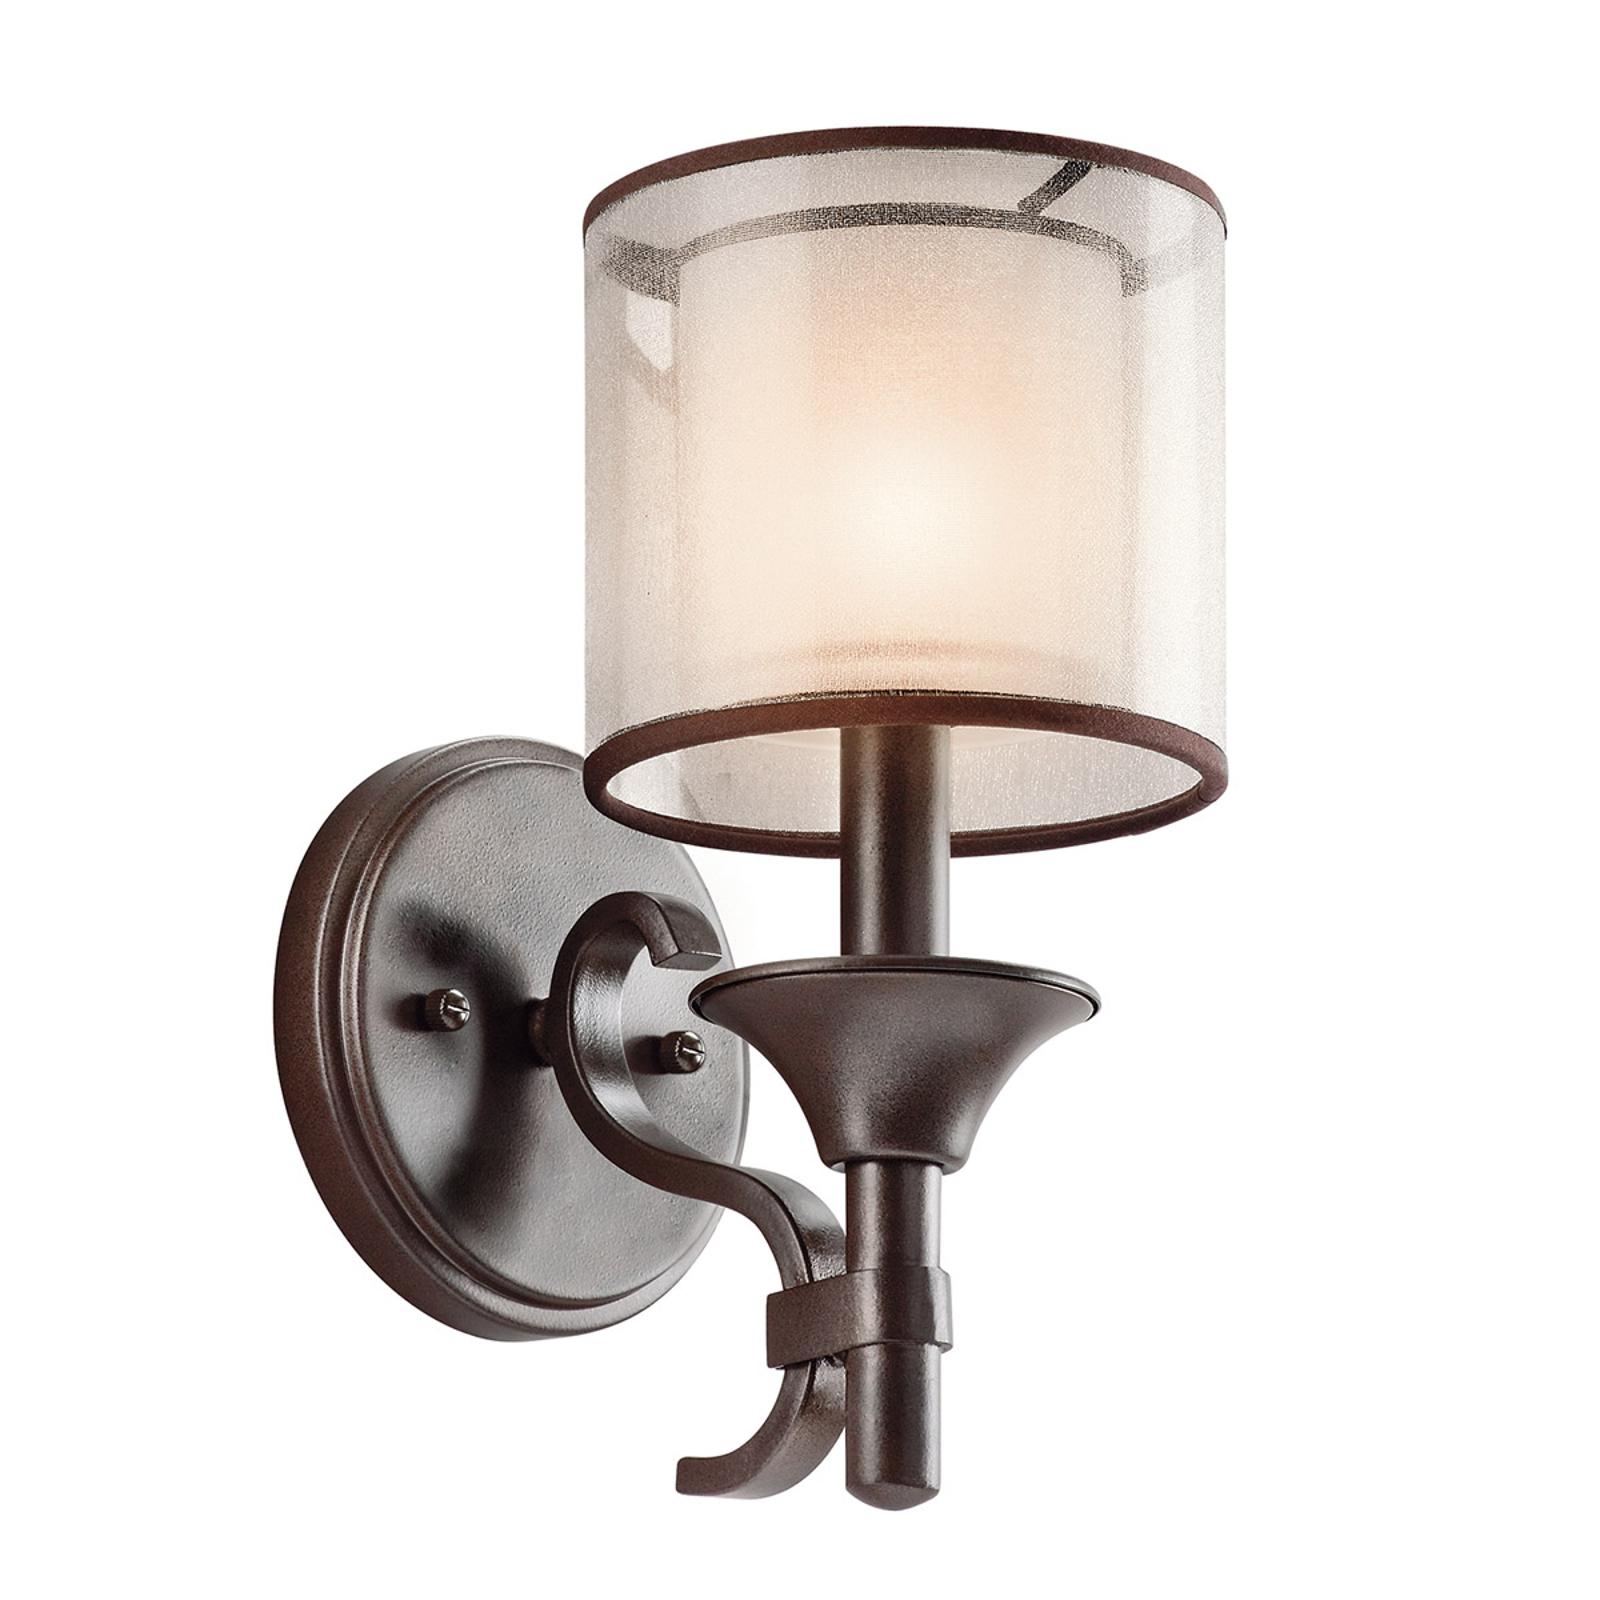 Lacey væglampe med dobbelt skærm